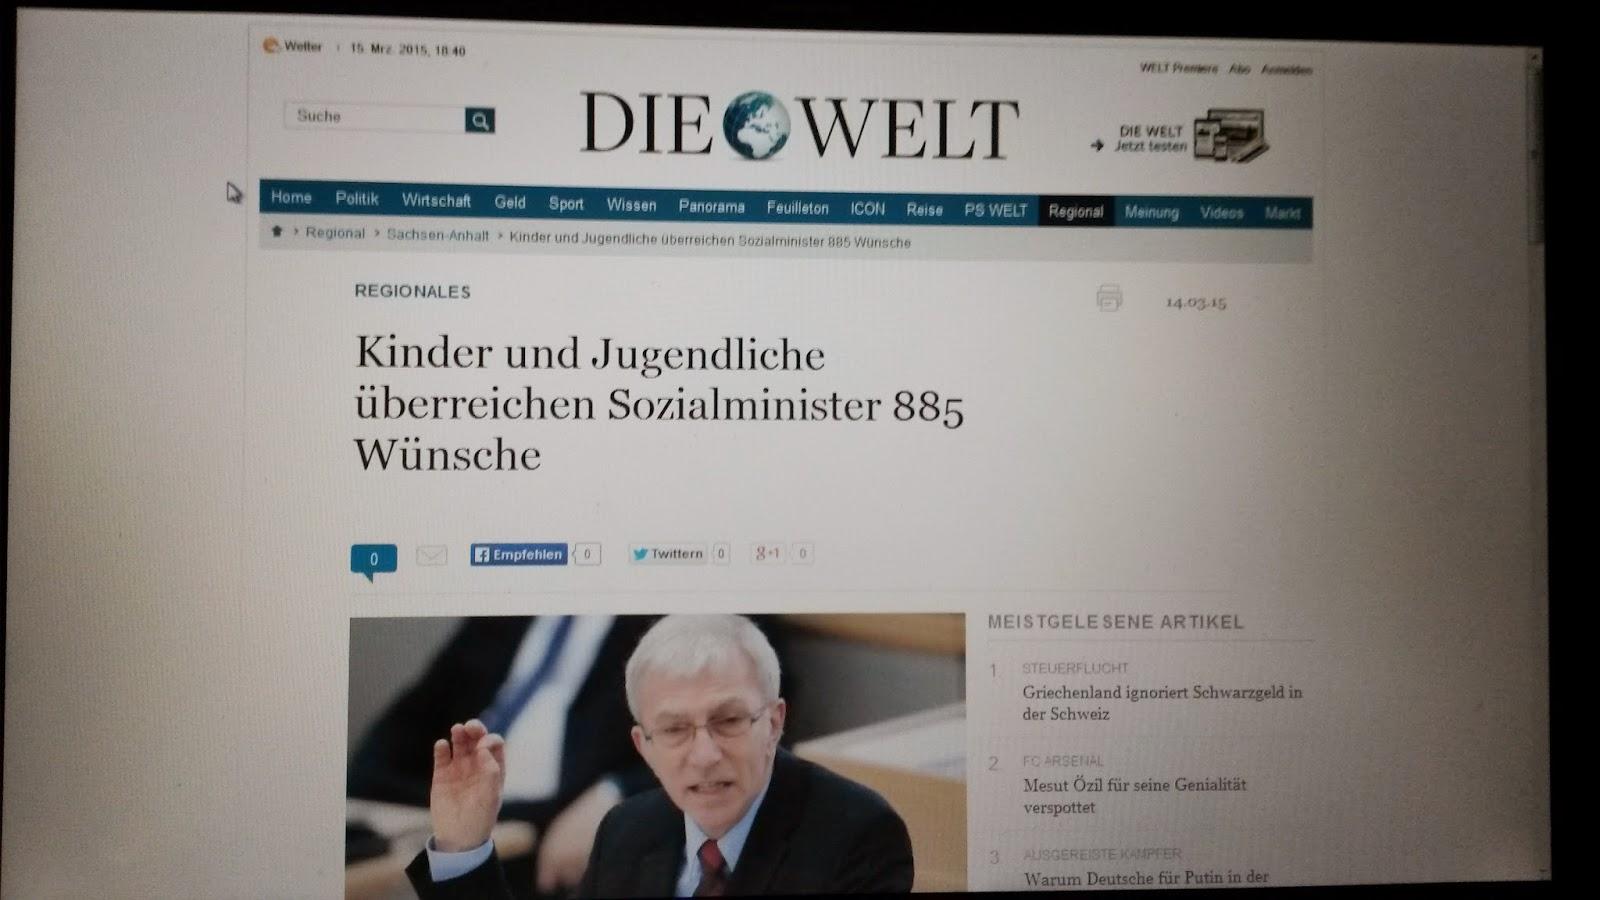 http://www.welt.de/regionales/sachsen-anhalt/article138412711/Kinder-und-Jugendliche-ueberreichen-Sozialminister-885-Wuensche.html